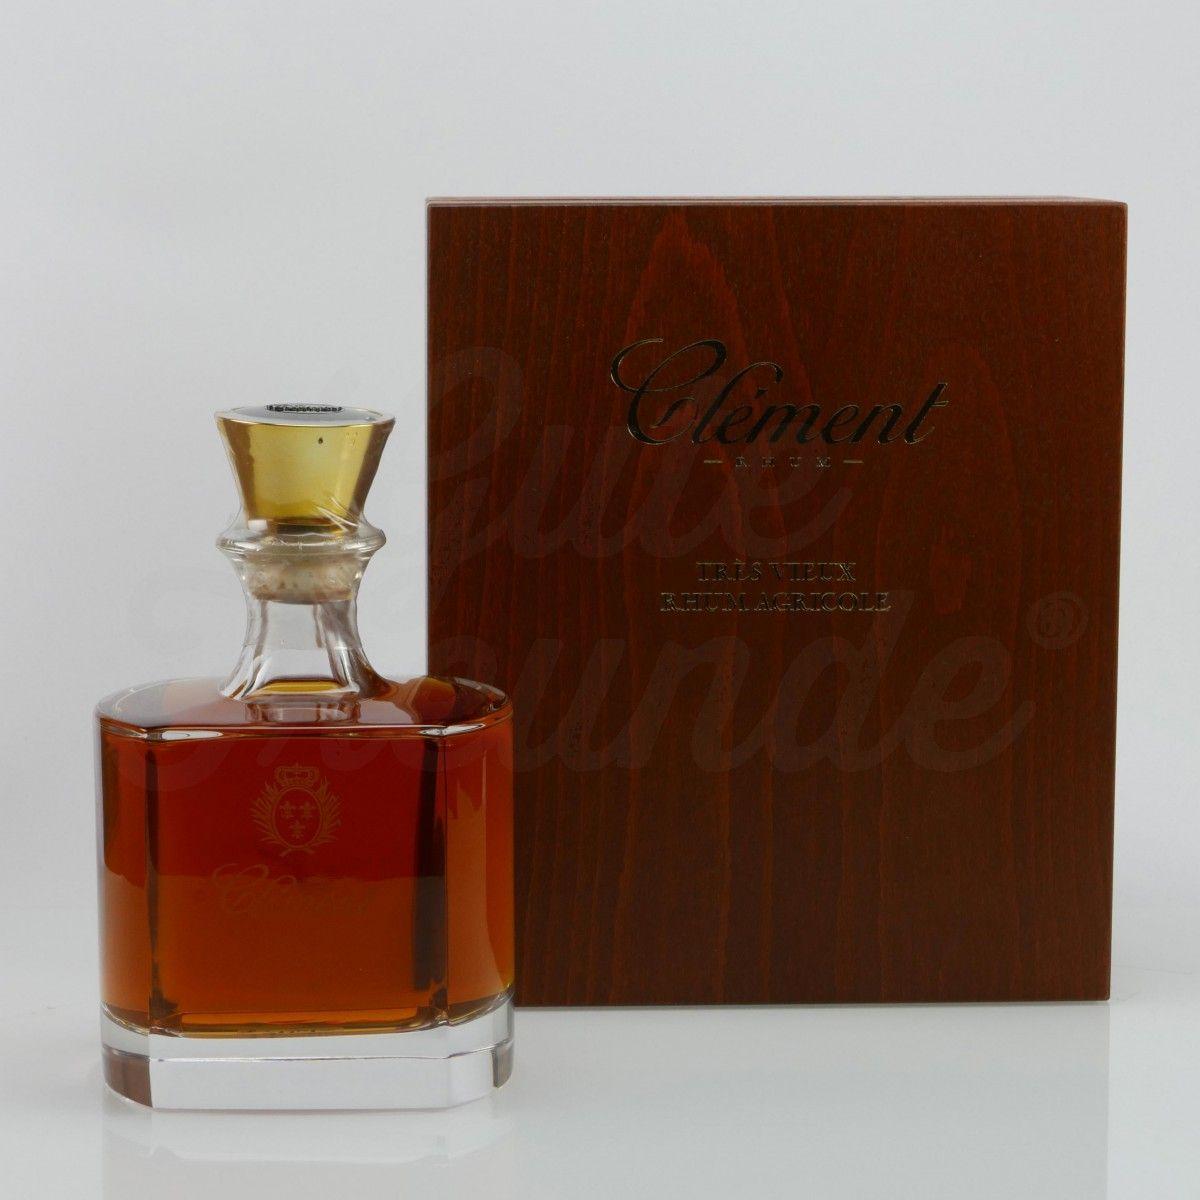 465 Euro #rum - Clément Très Vieux Rhum Agricole Cristal Decanter - Hochwertiger Rum 40% Vol für Geniesser von der karibischen Insel Martinique in streng limitierter Auflage.